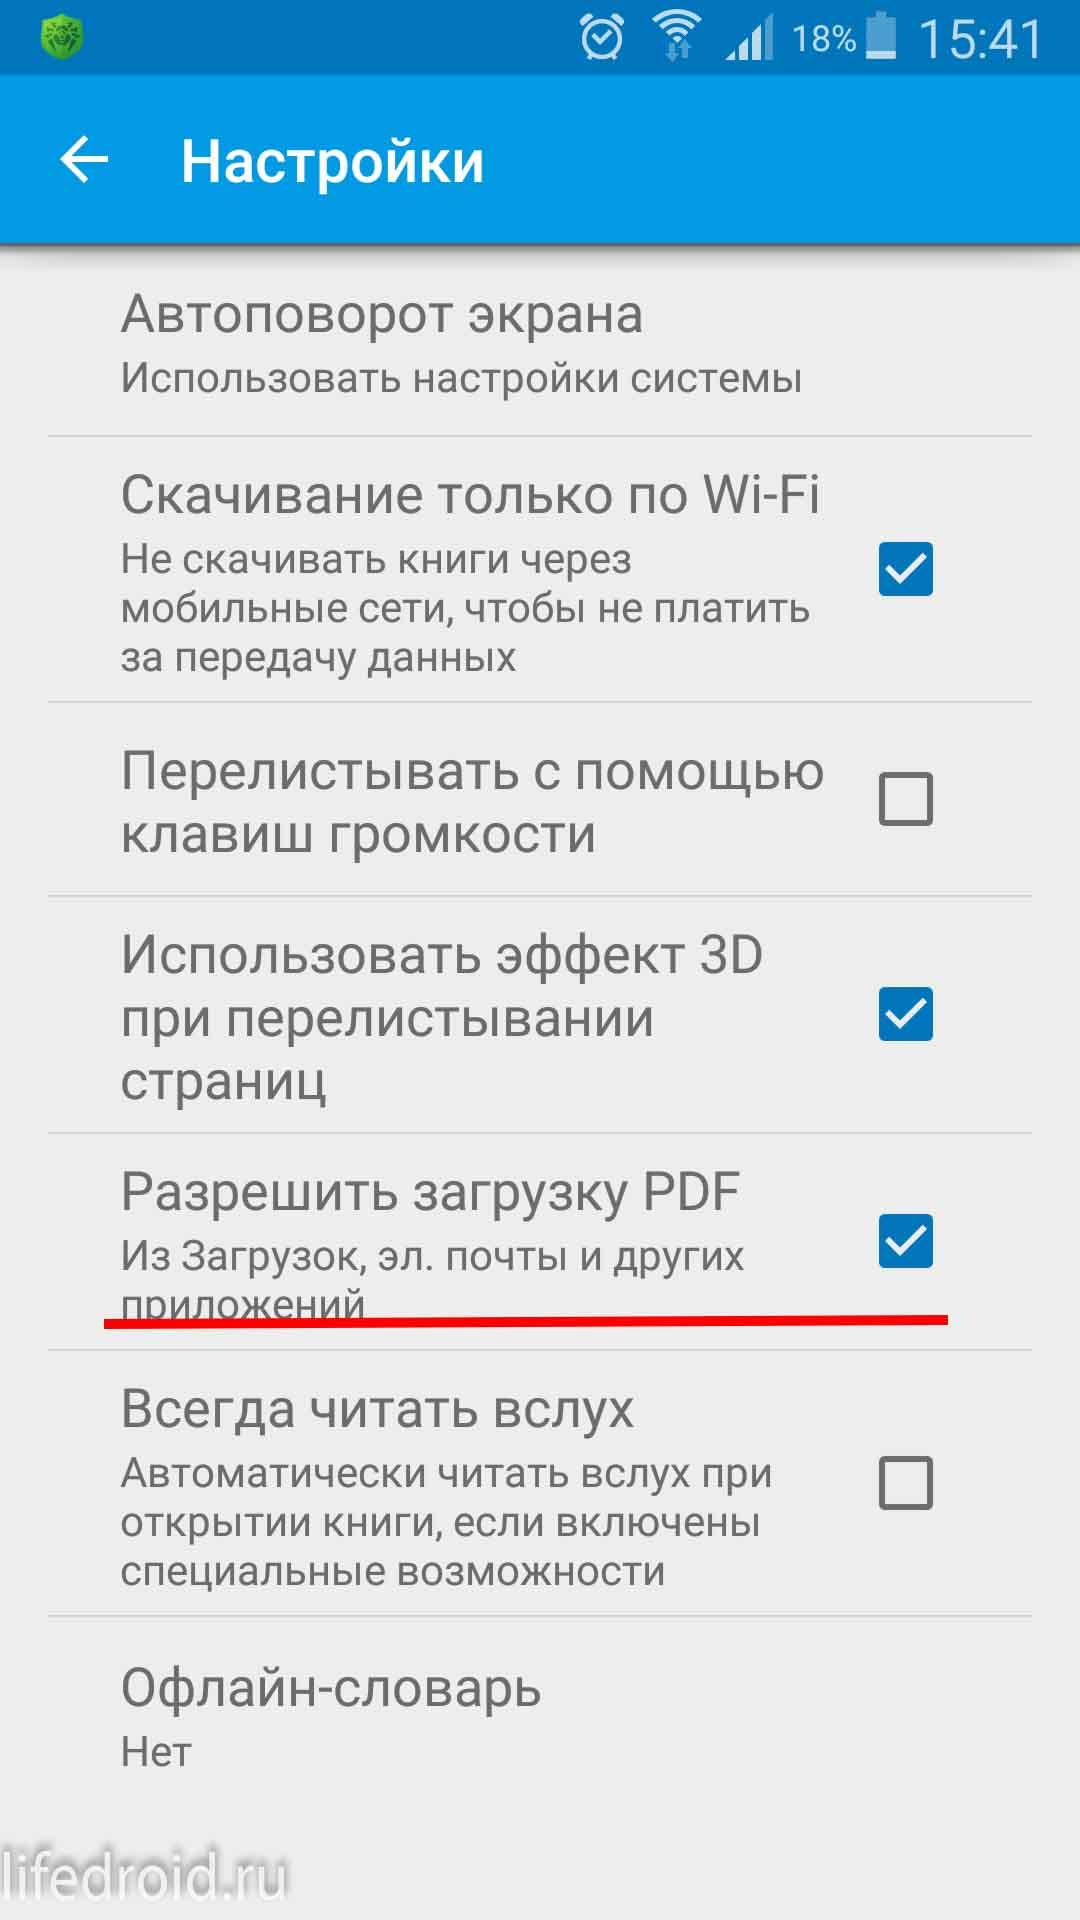 Разрешаем загрузку PDF в настройках Play Книги